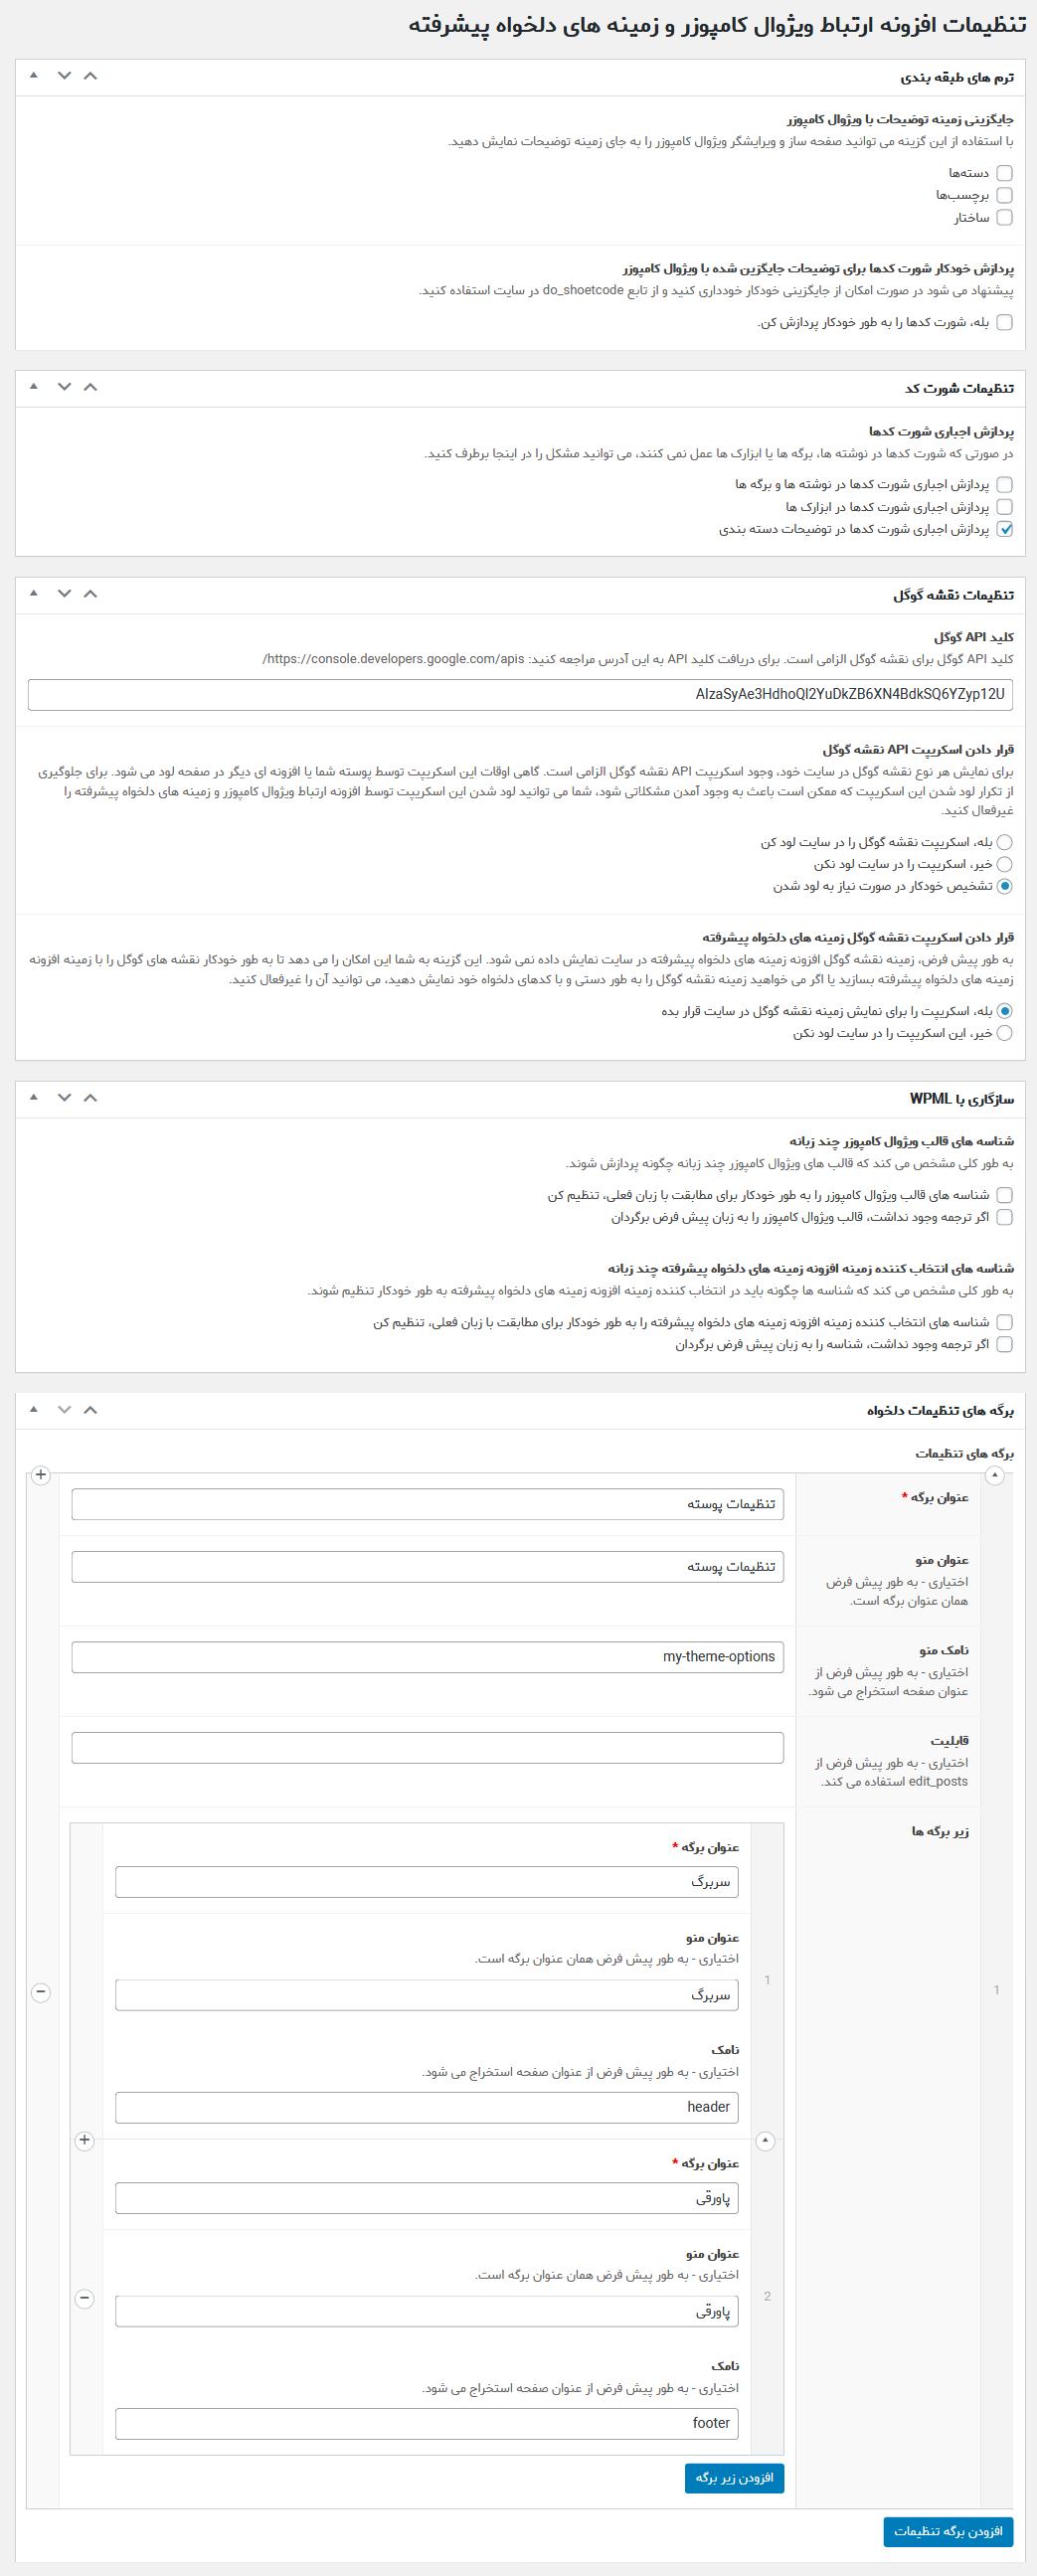 تصاویری از تنظیمات افزونه ارتباط ویژوال کامپوزر و Advanced Custom Fields